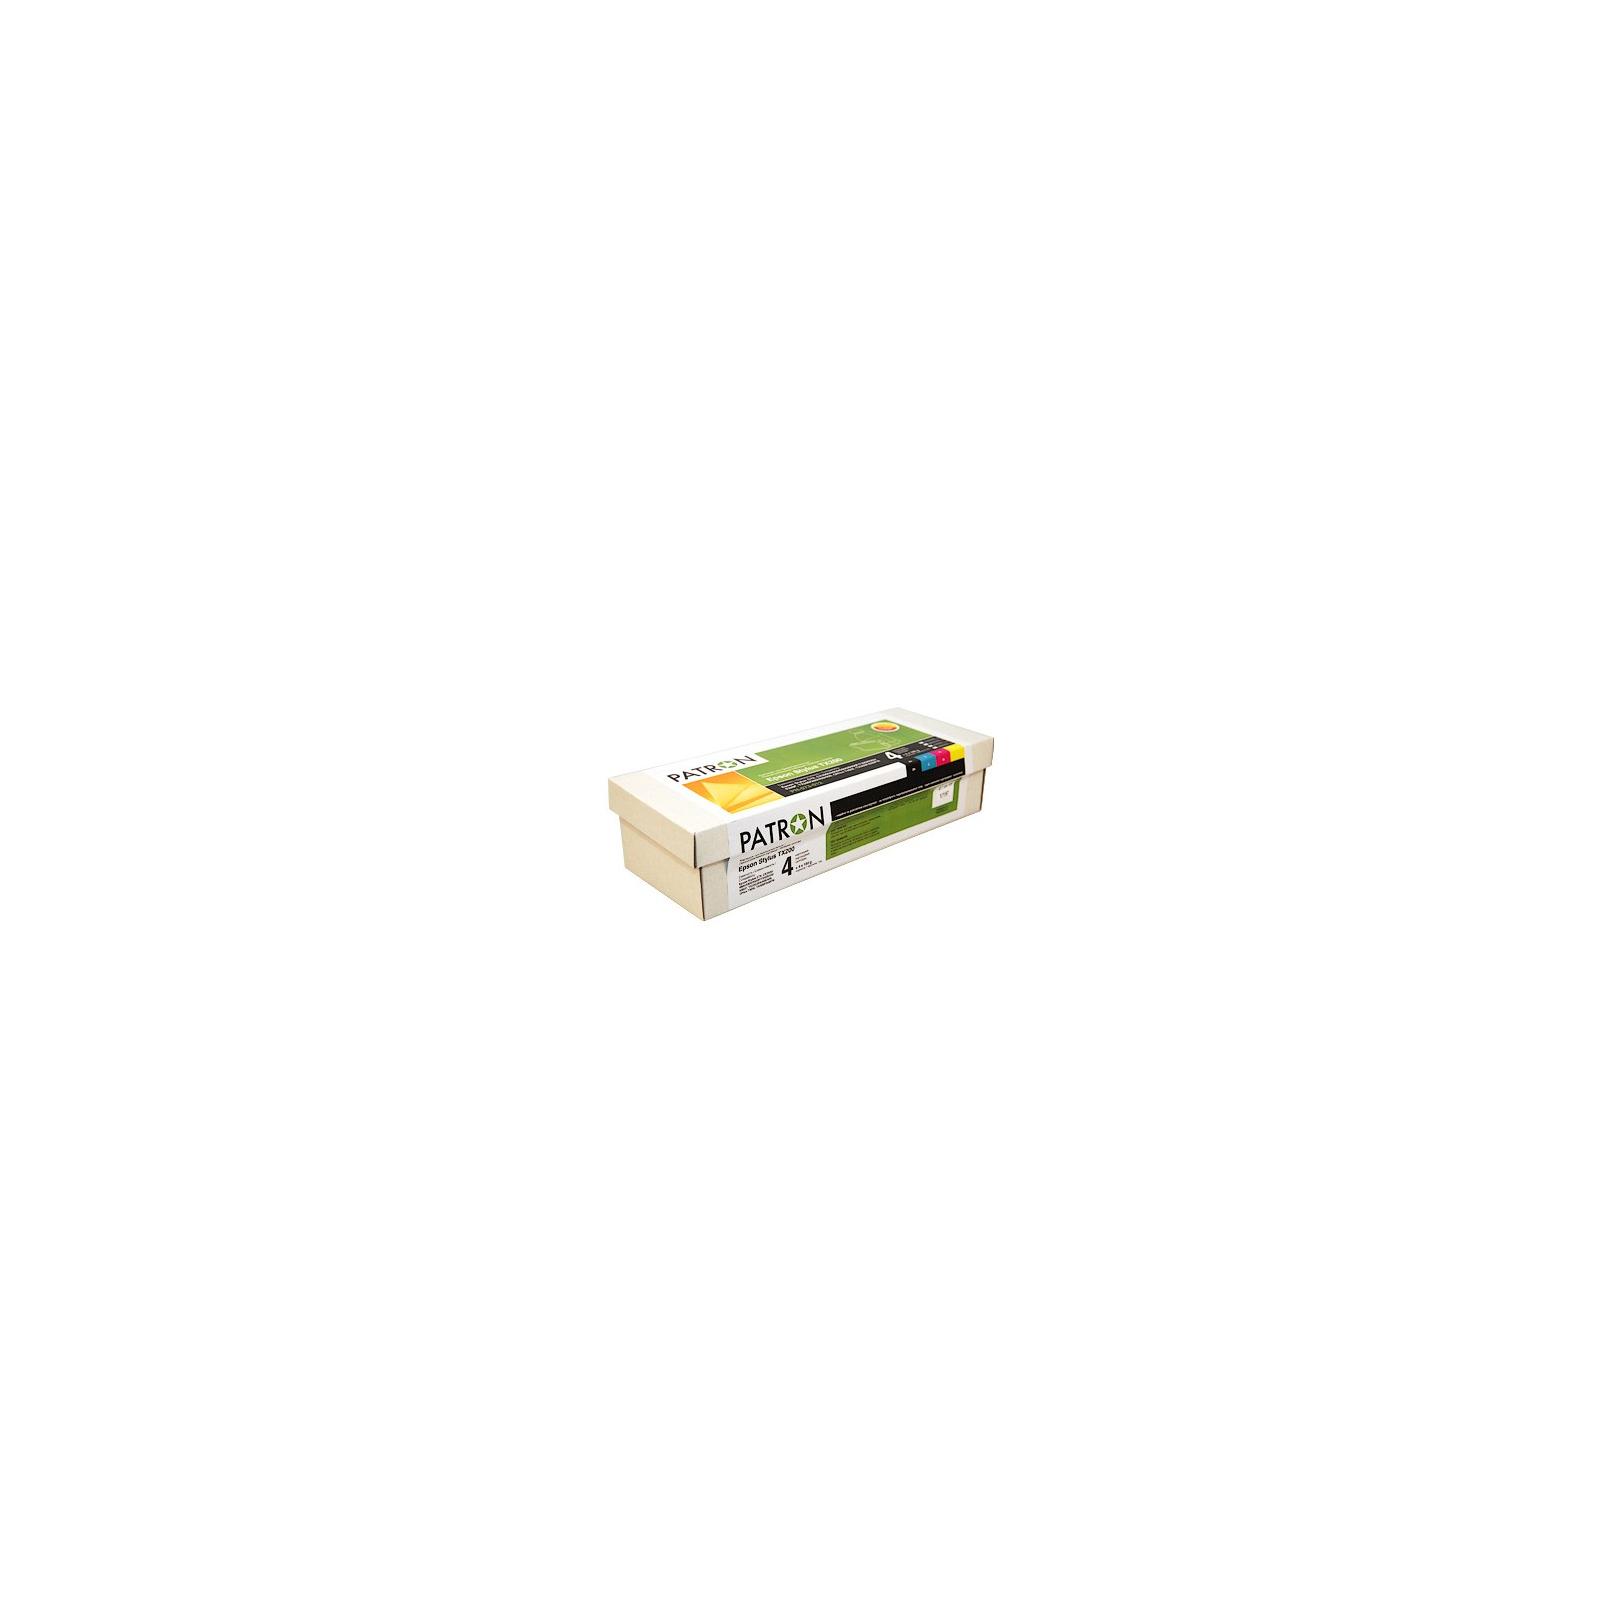 Комплект перезаправляемых картриджей PATRON Epson C79/TX200/TX209/TX400/TX409 (CIR-PN-ET073-012)